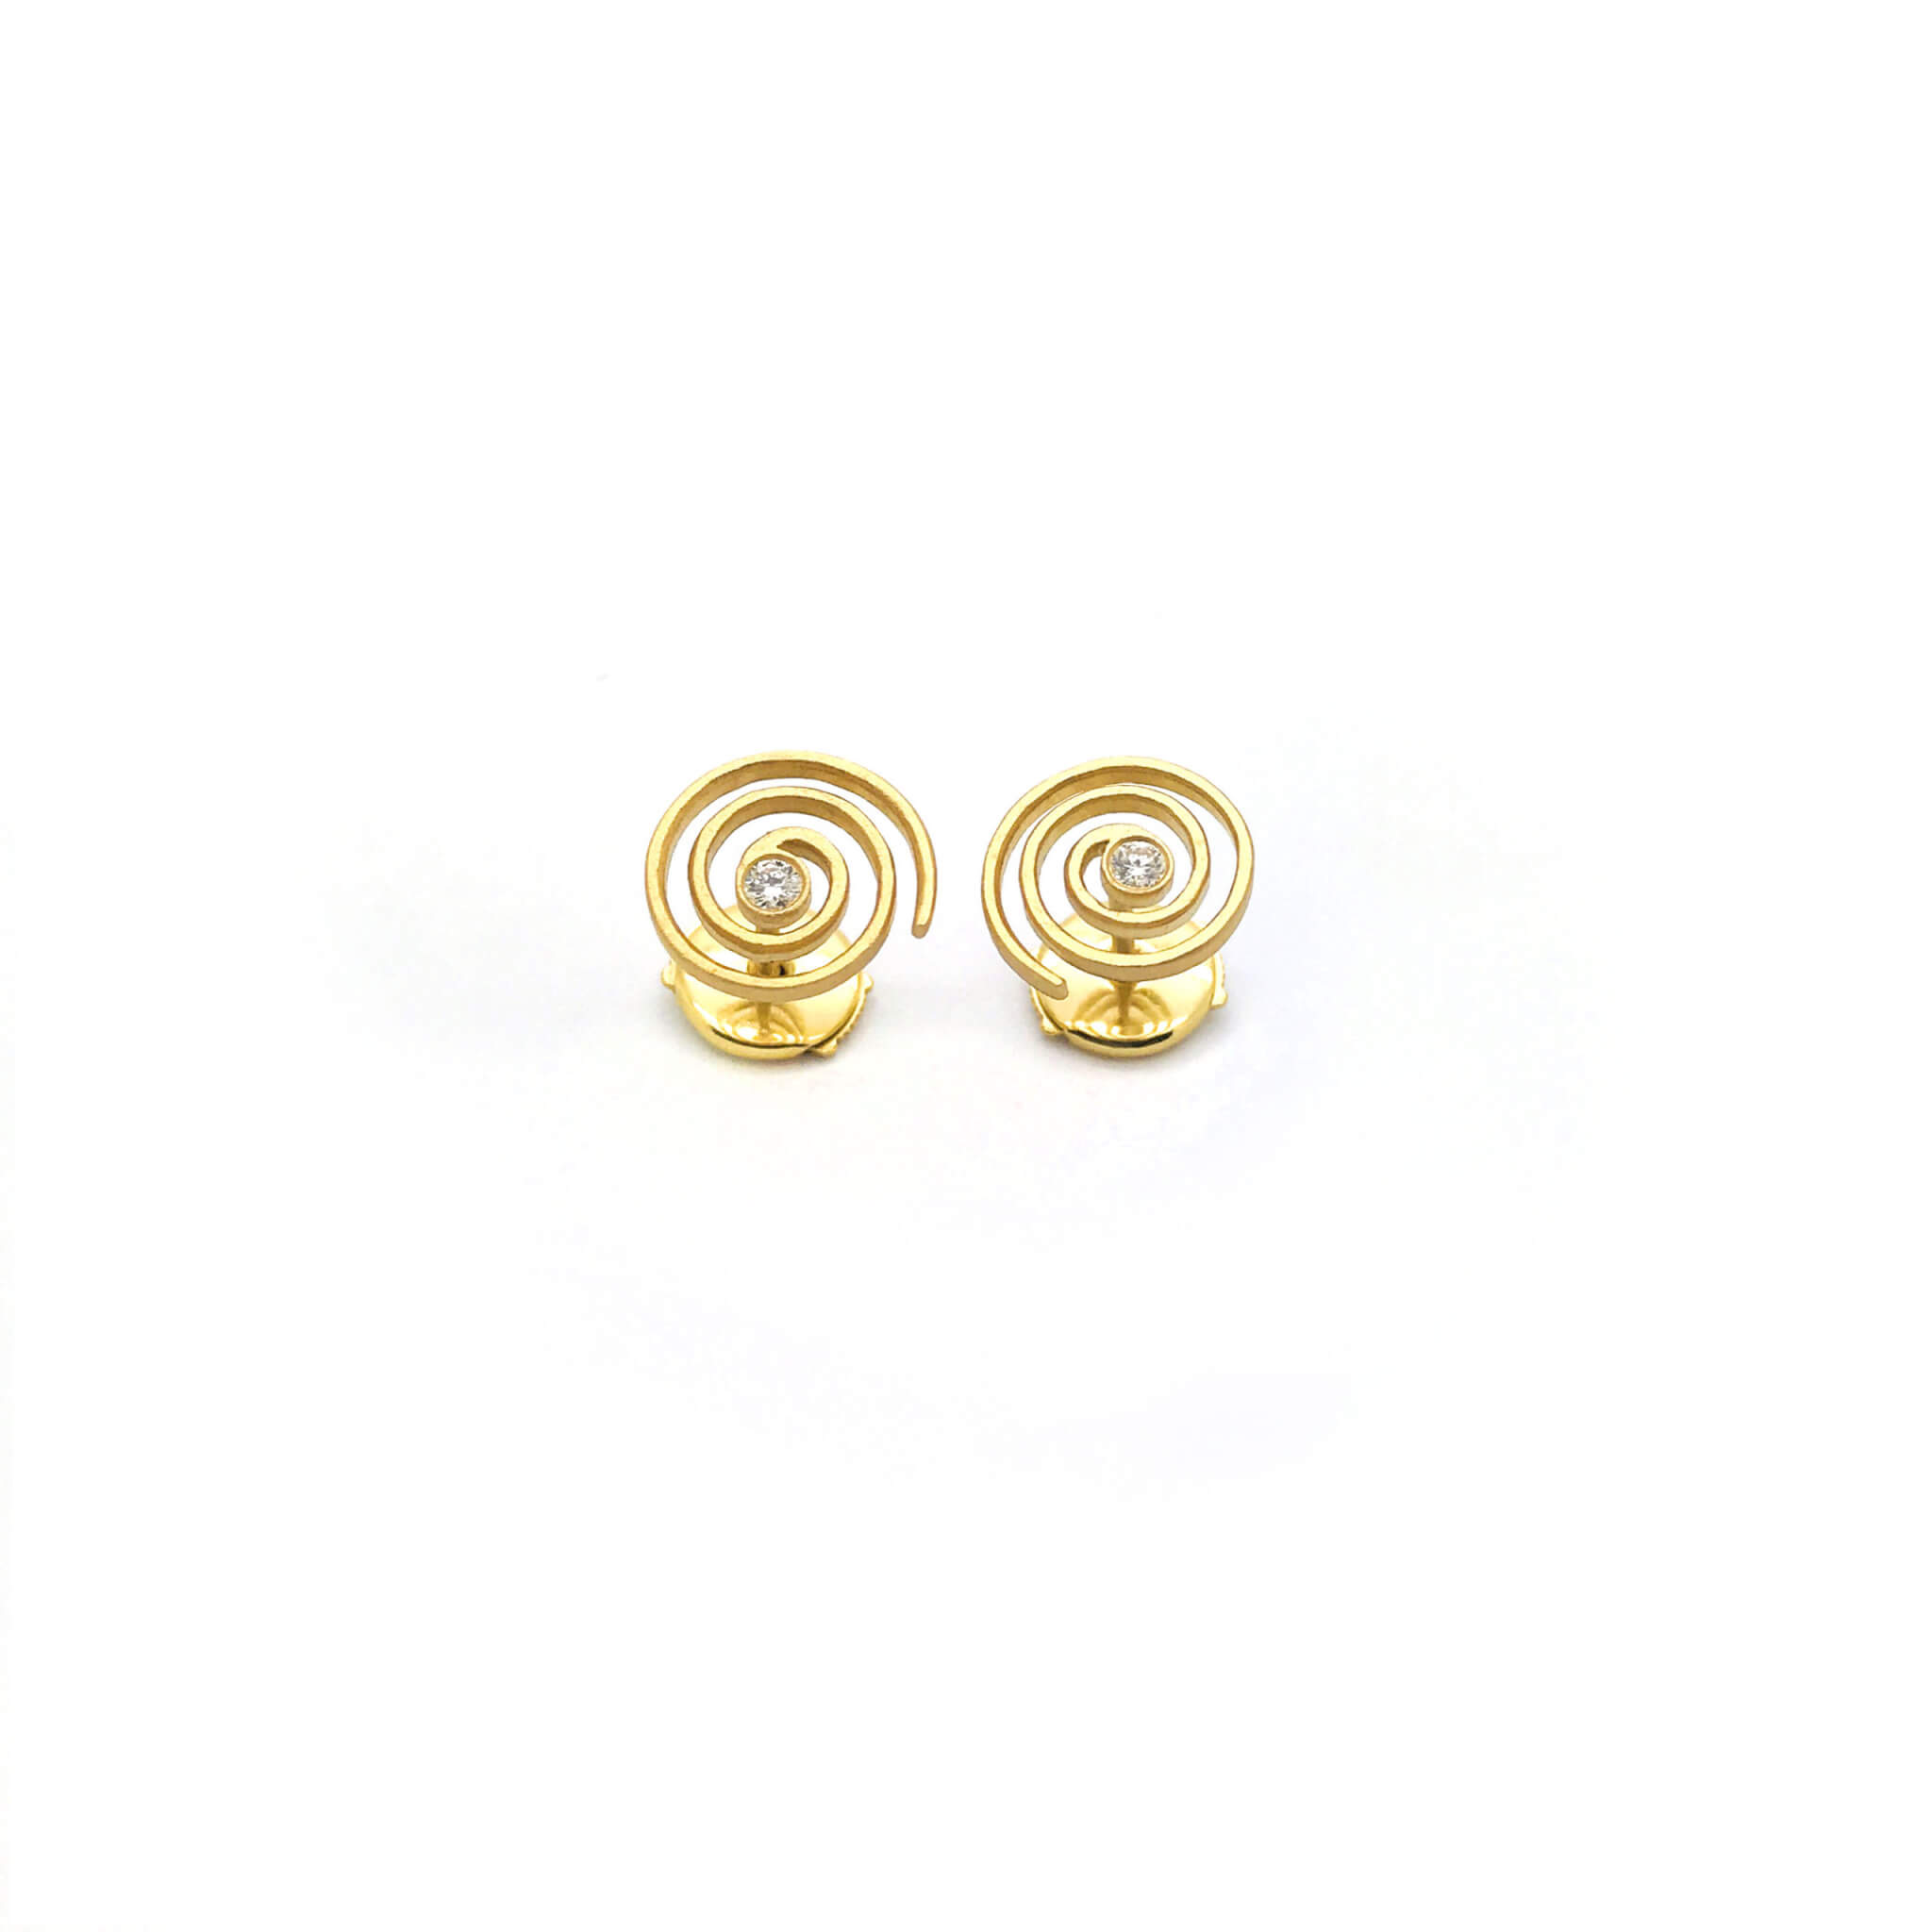 Spirale boucle d'oreilles puce or diamant